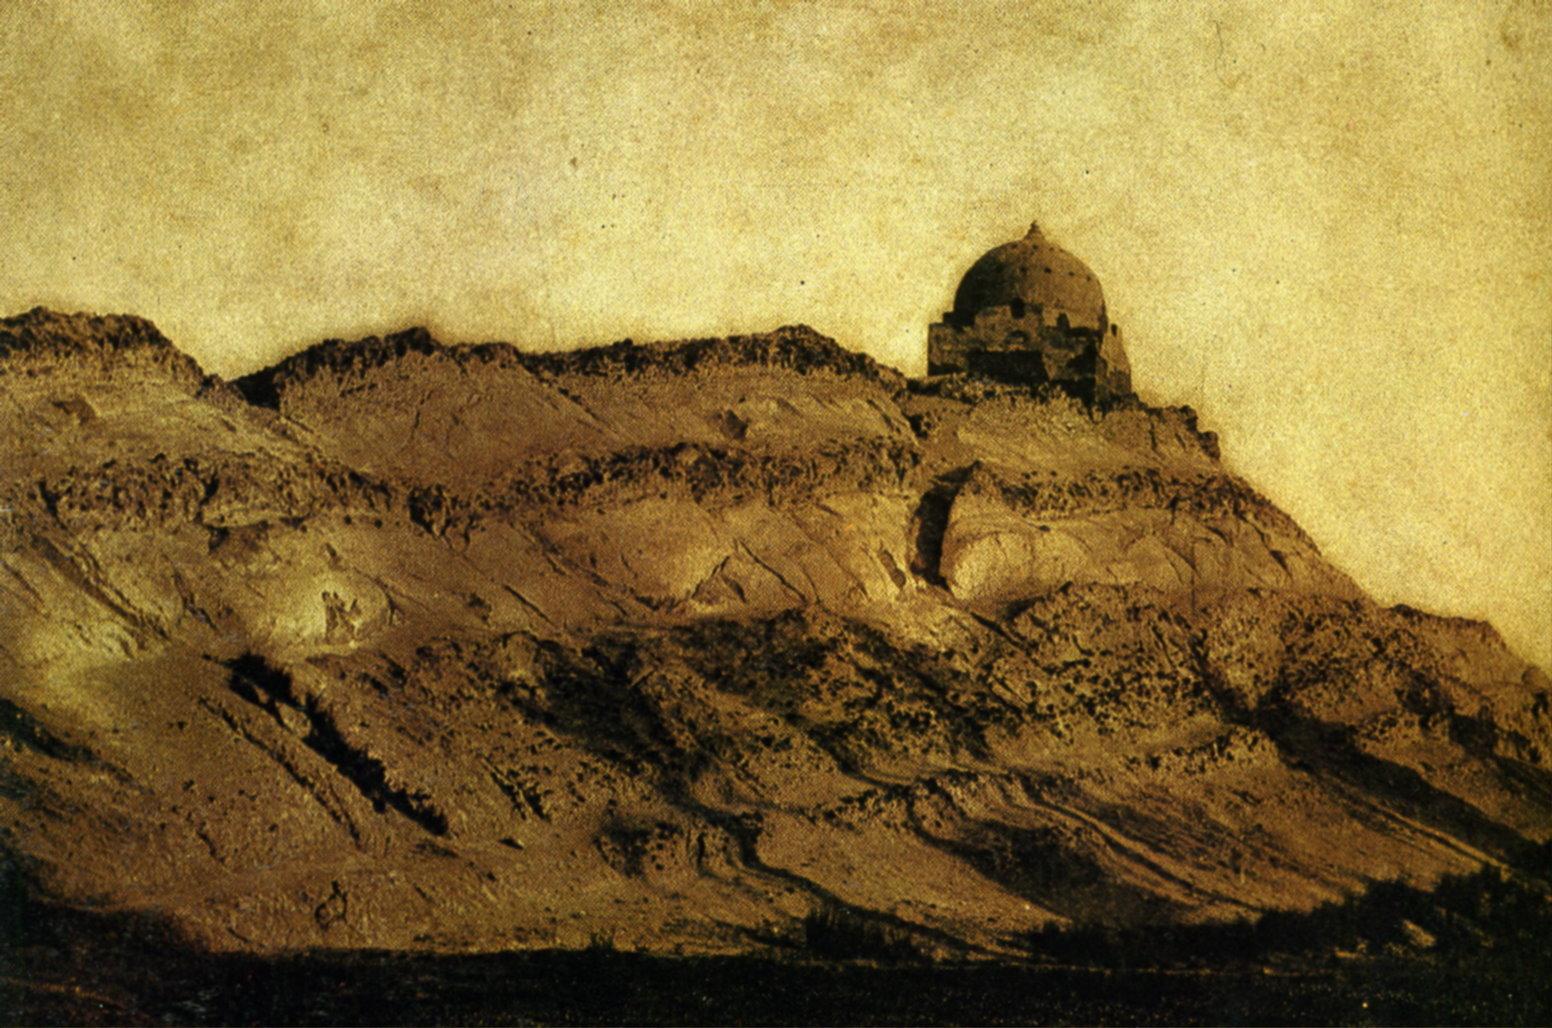 012[amolenuvolette.it]1849-1851 maxime du camp sujet du moyen orient.jpg